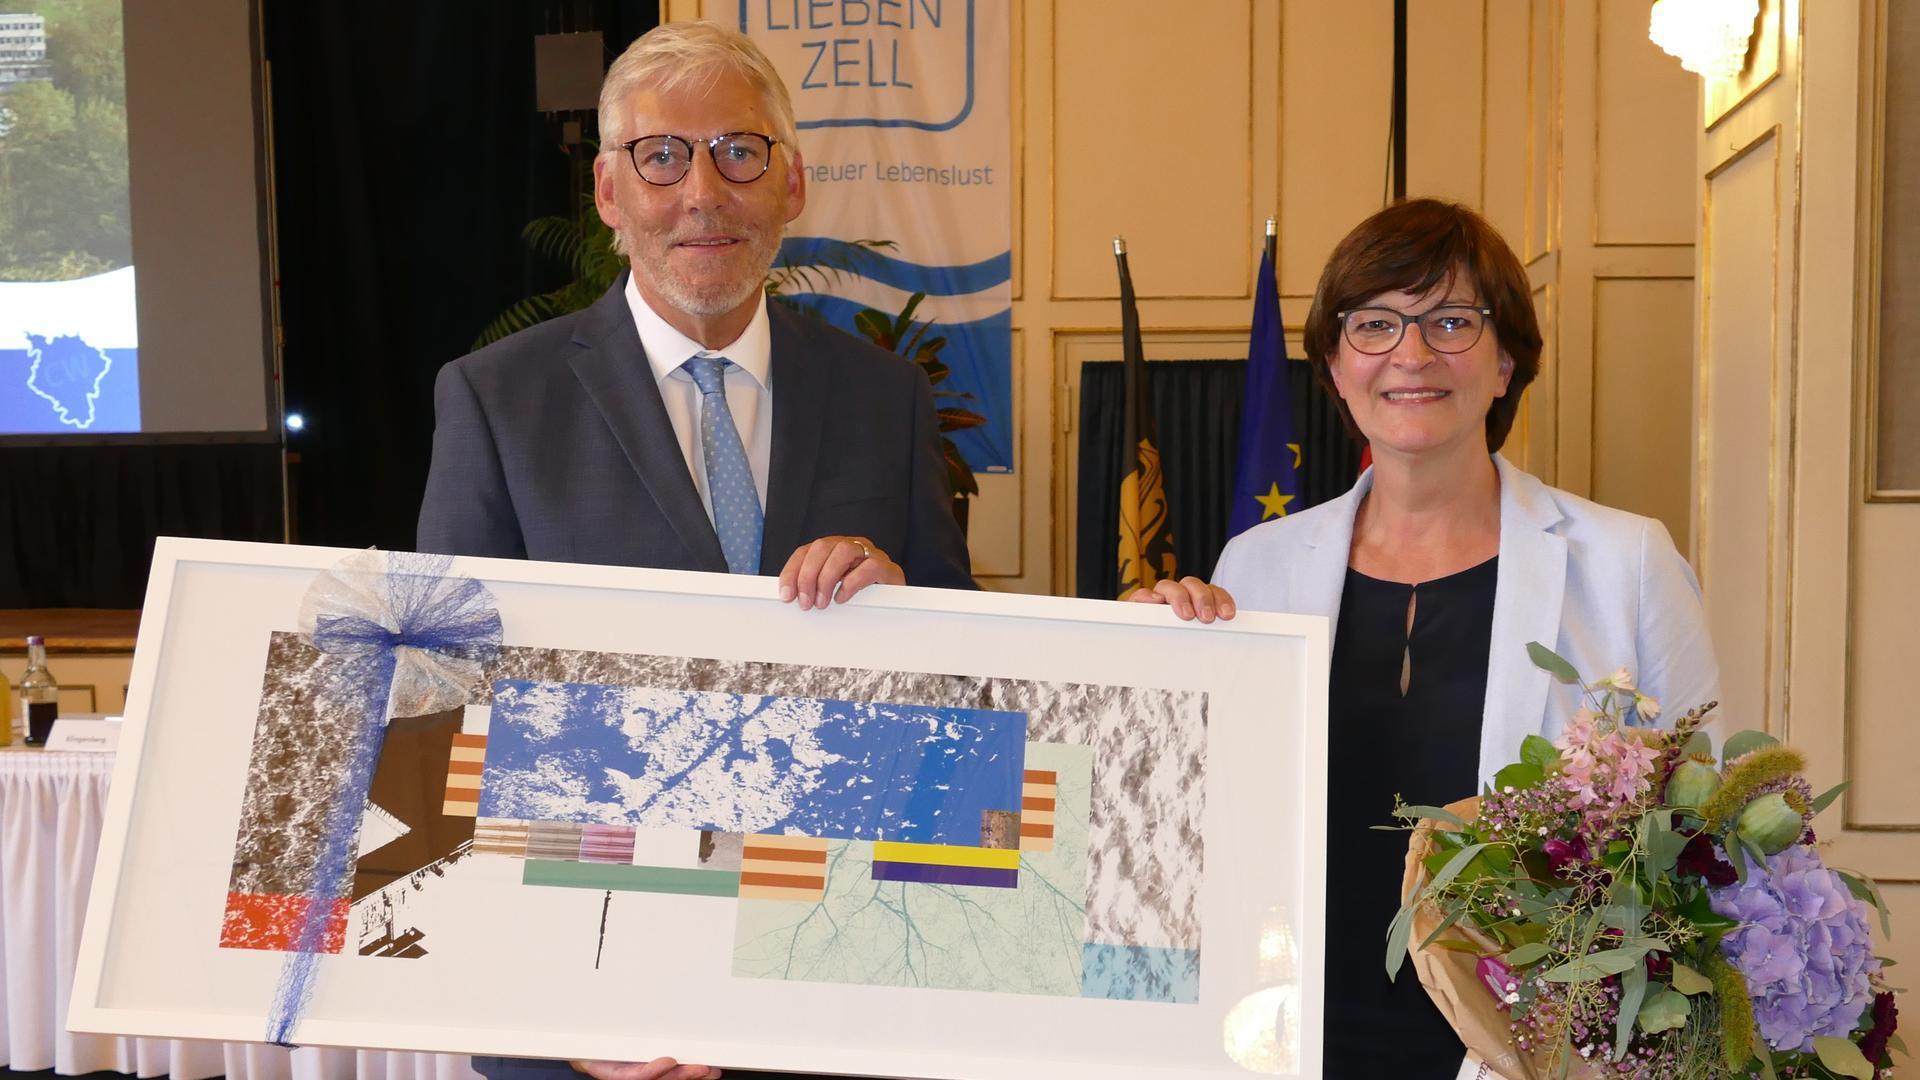 Zur Erinnerung an die Heimat überreichte Landrat Helmut Riegger der scheidenden Kreisrätin Saskia Esken ein Bild aus der Graphik-Edition.